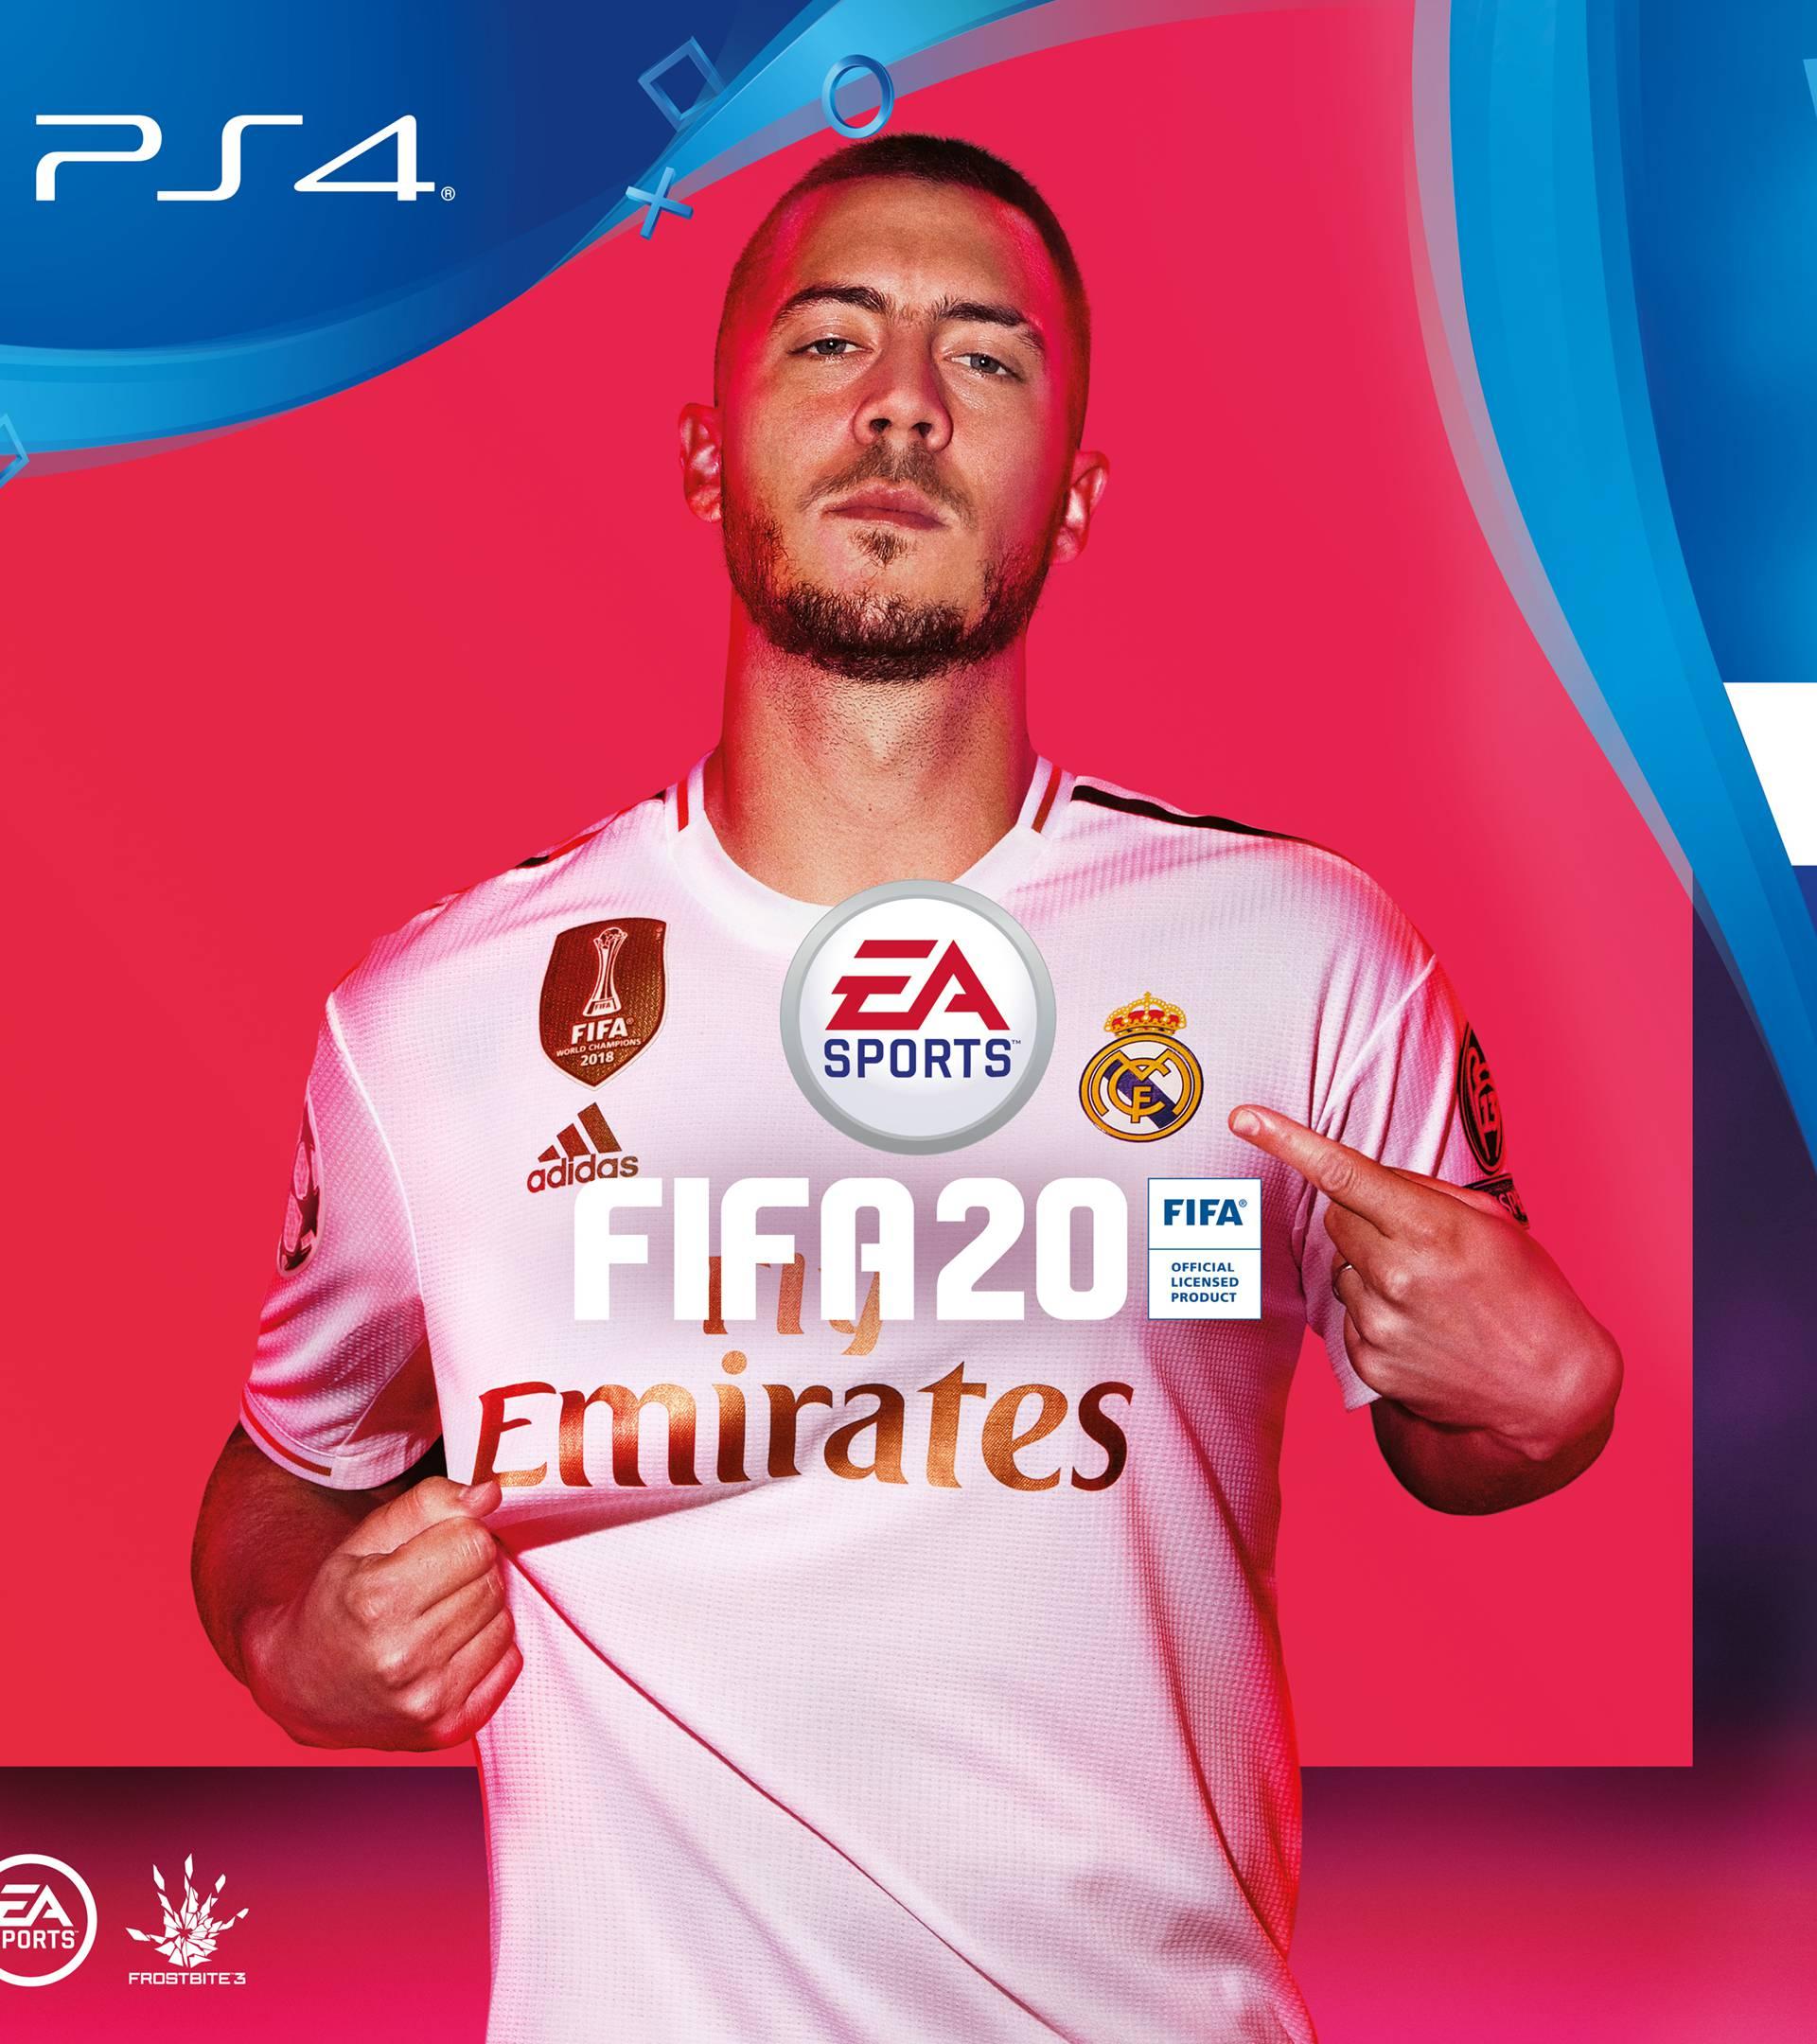 Playstation i A1 pozivaju na FIFA 20 natjecanje s poznatima